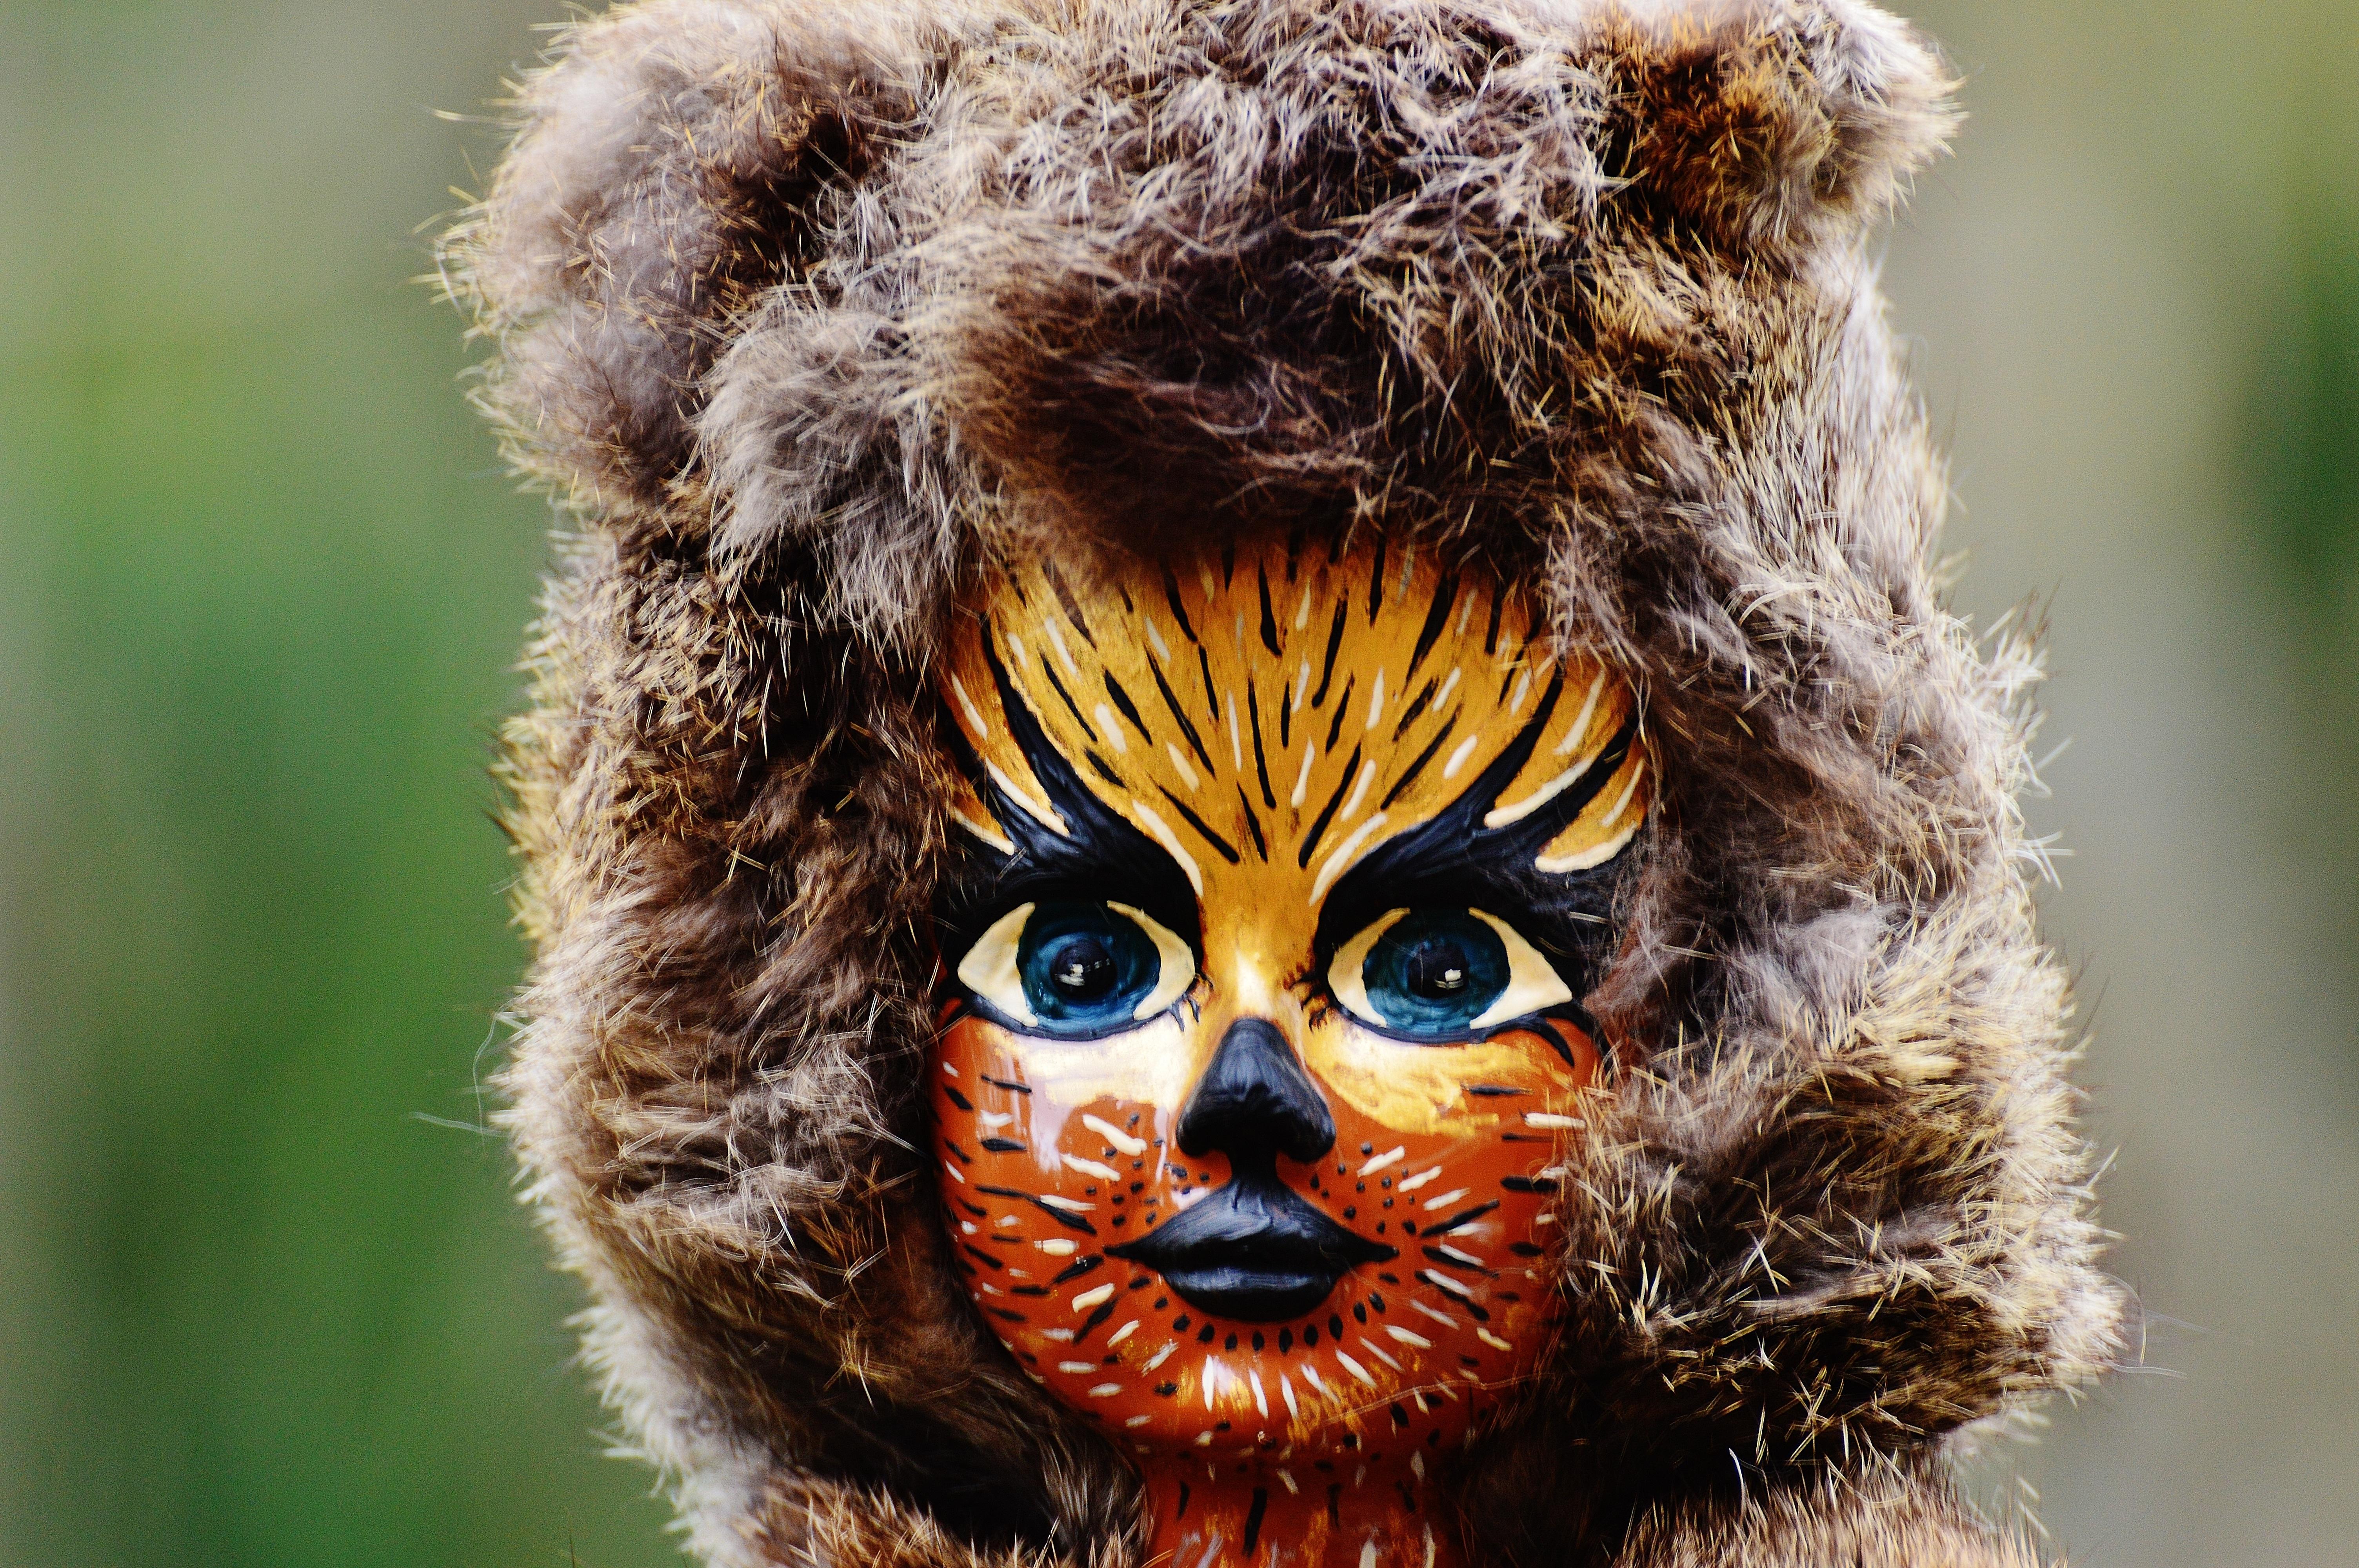 Fotoğraf Vahşi Hayat Kürk Karnaval Kedi Renk Memeli Fauna